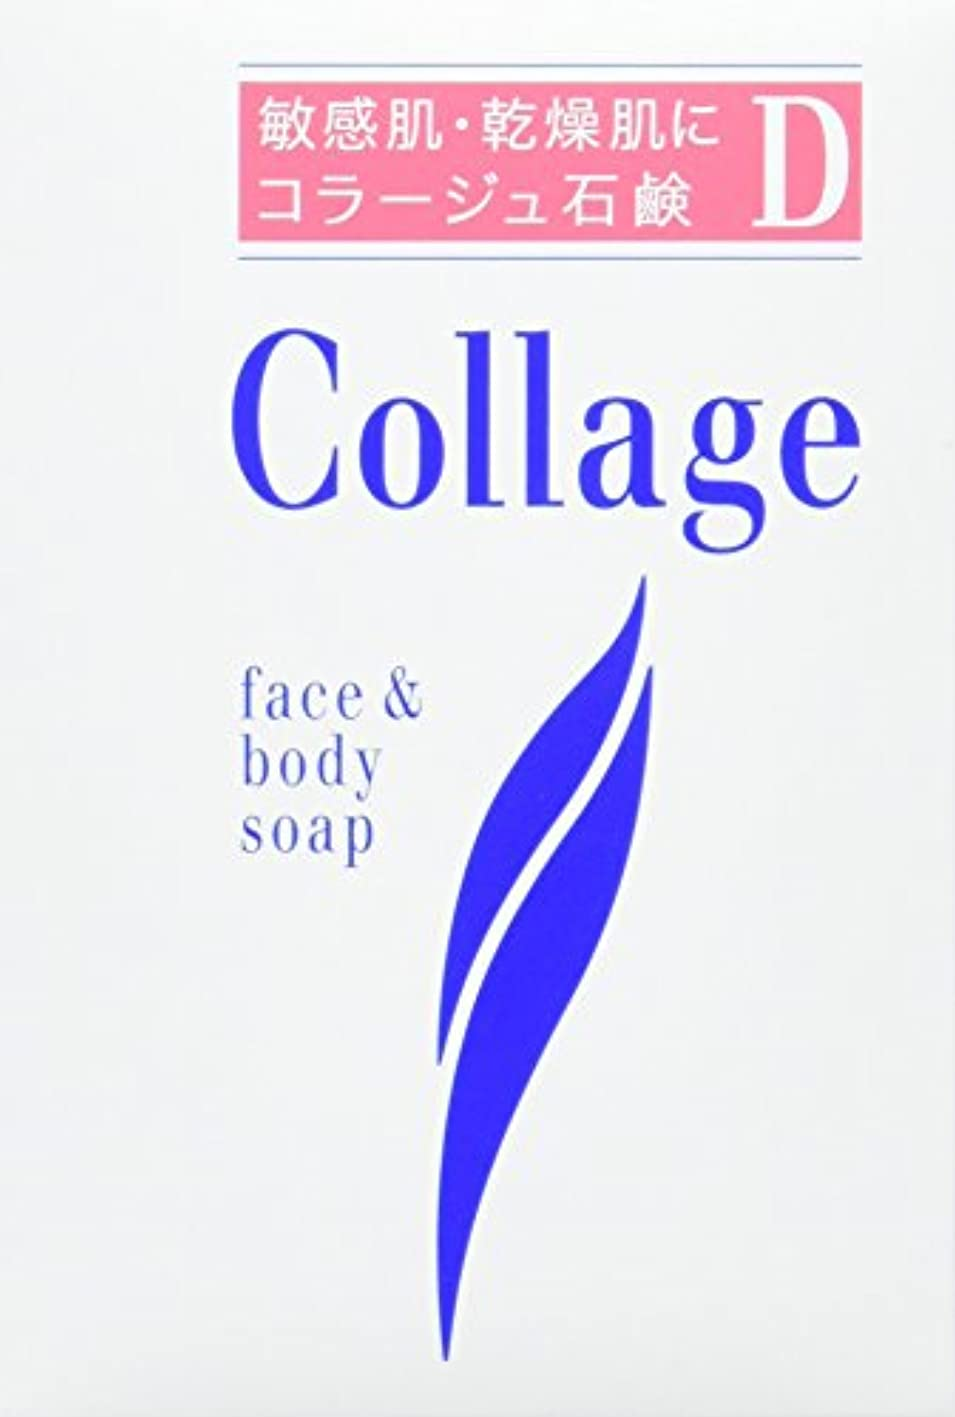 予想するけがをする早いコラージュ D乾性肌用石鹸 100g